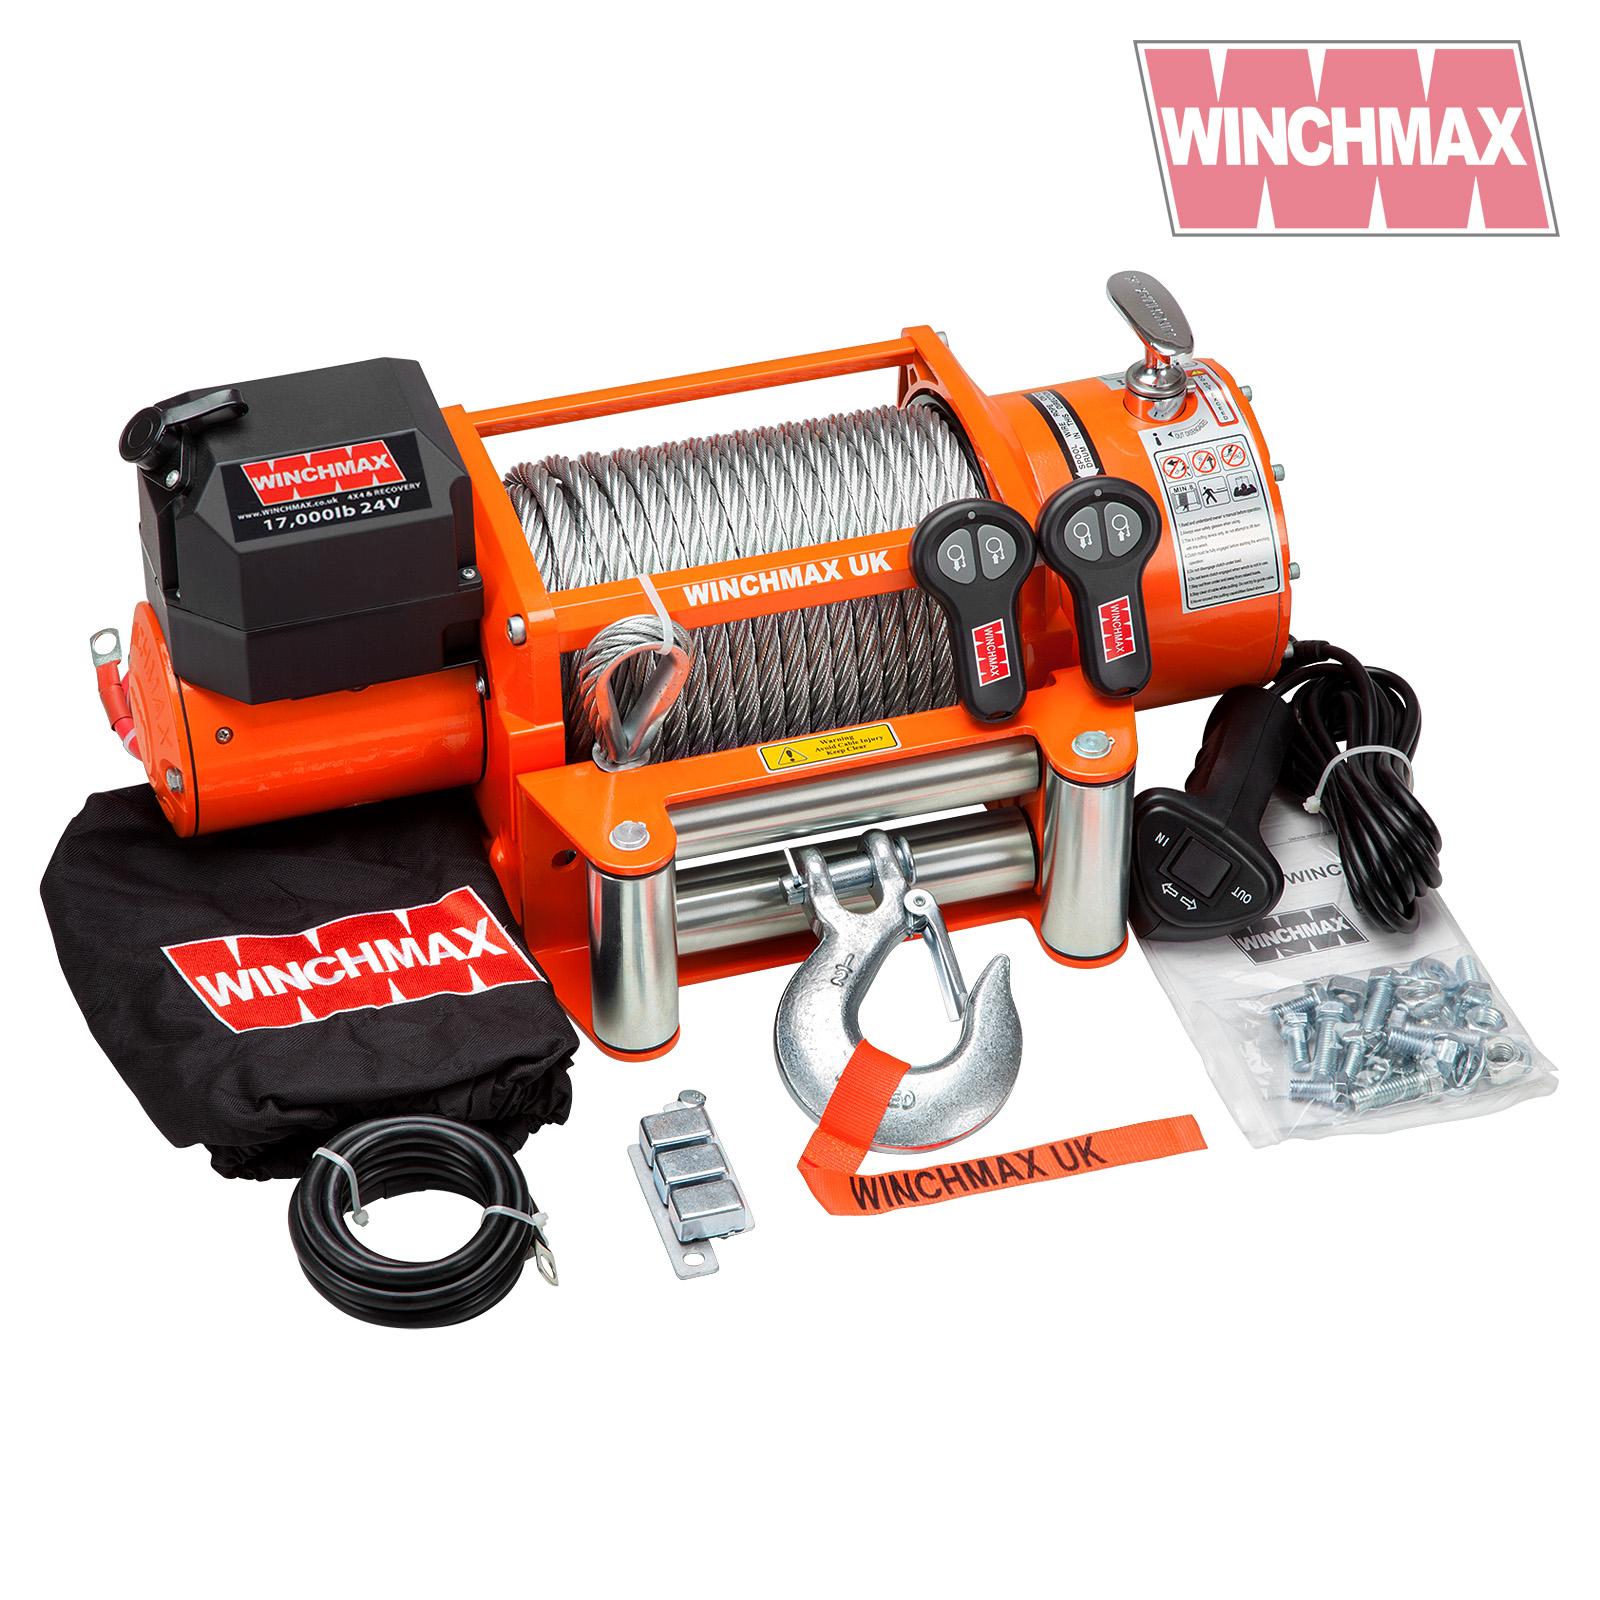 Wm1700024vr winchmax 286